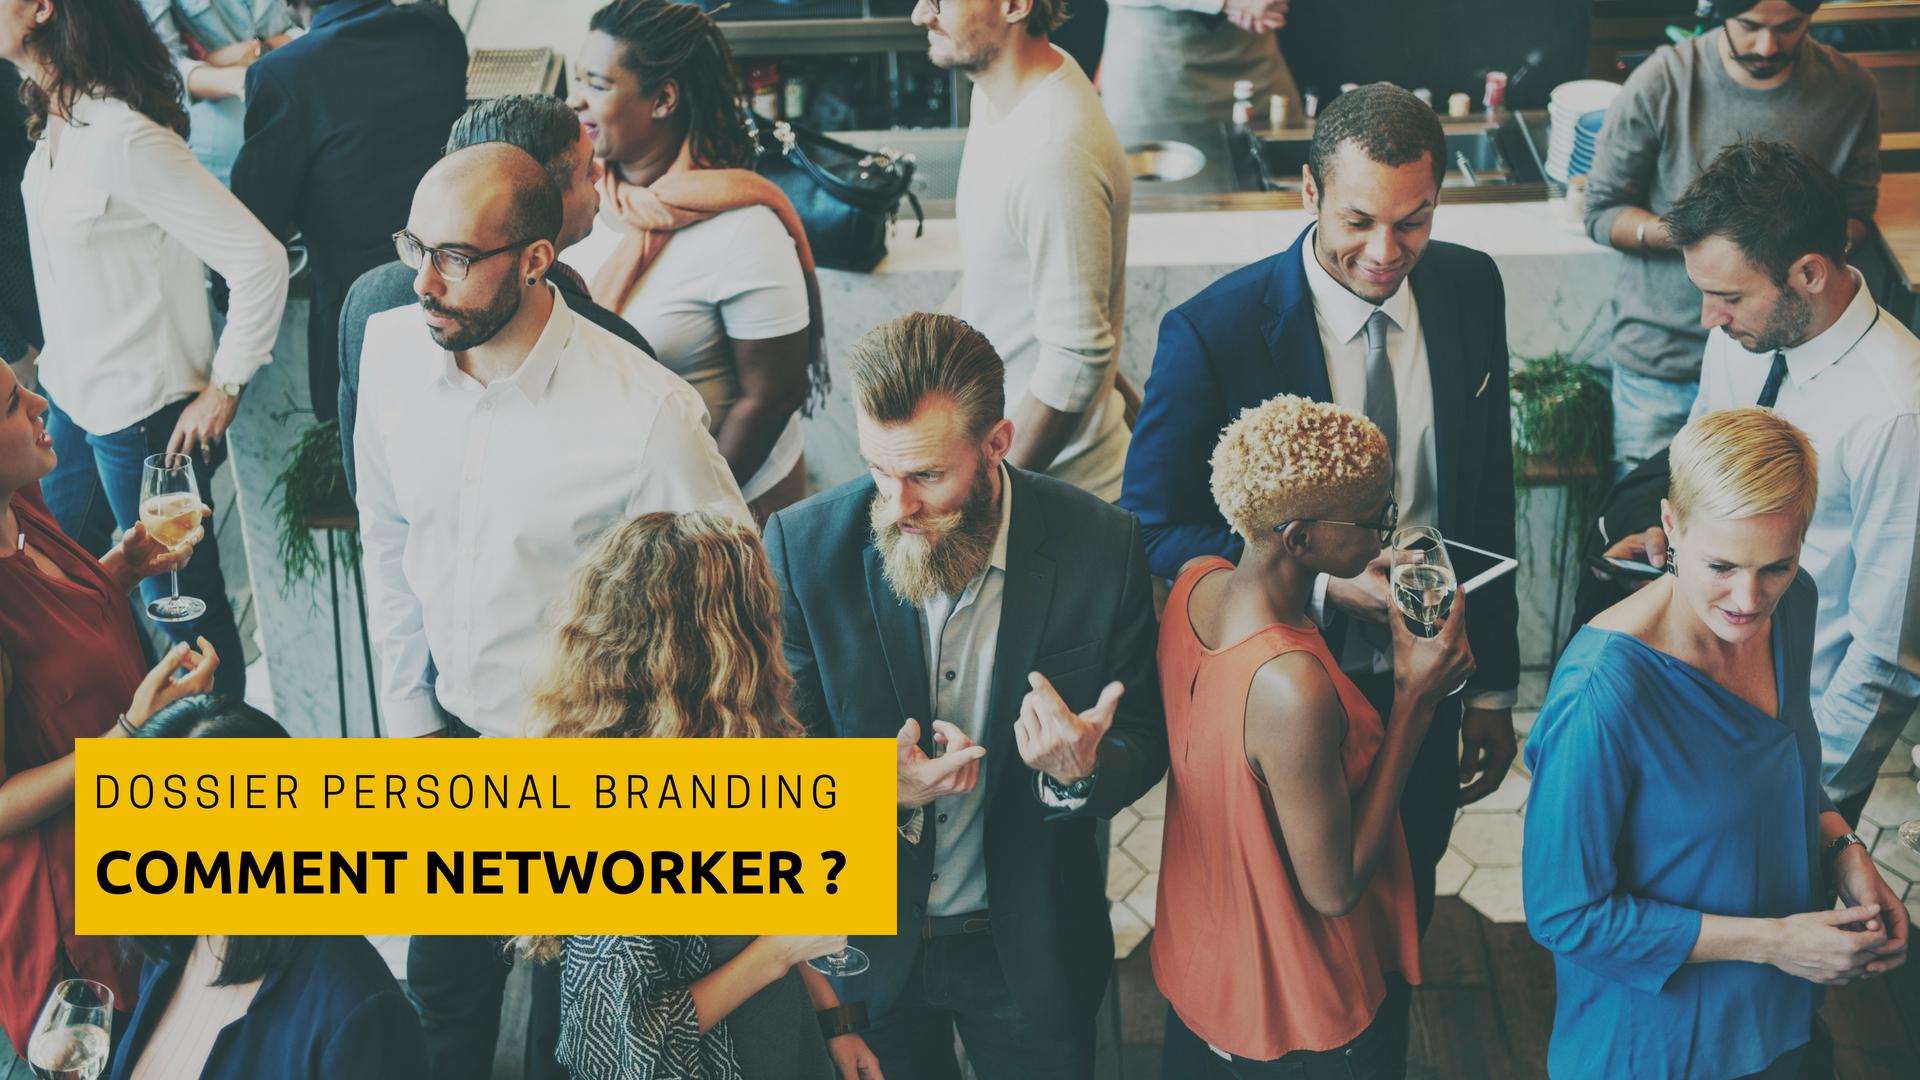 Dossier Personal Branding: Comment faire du bon networking ?